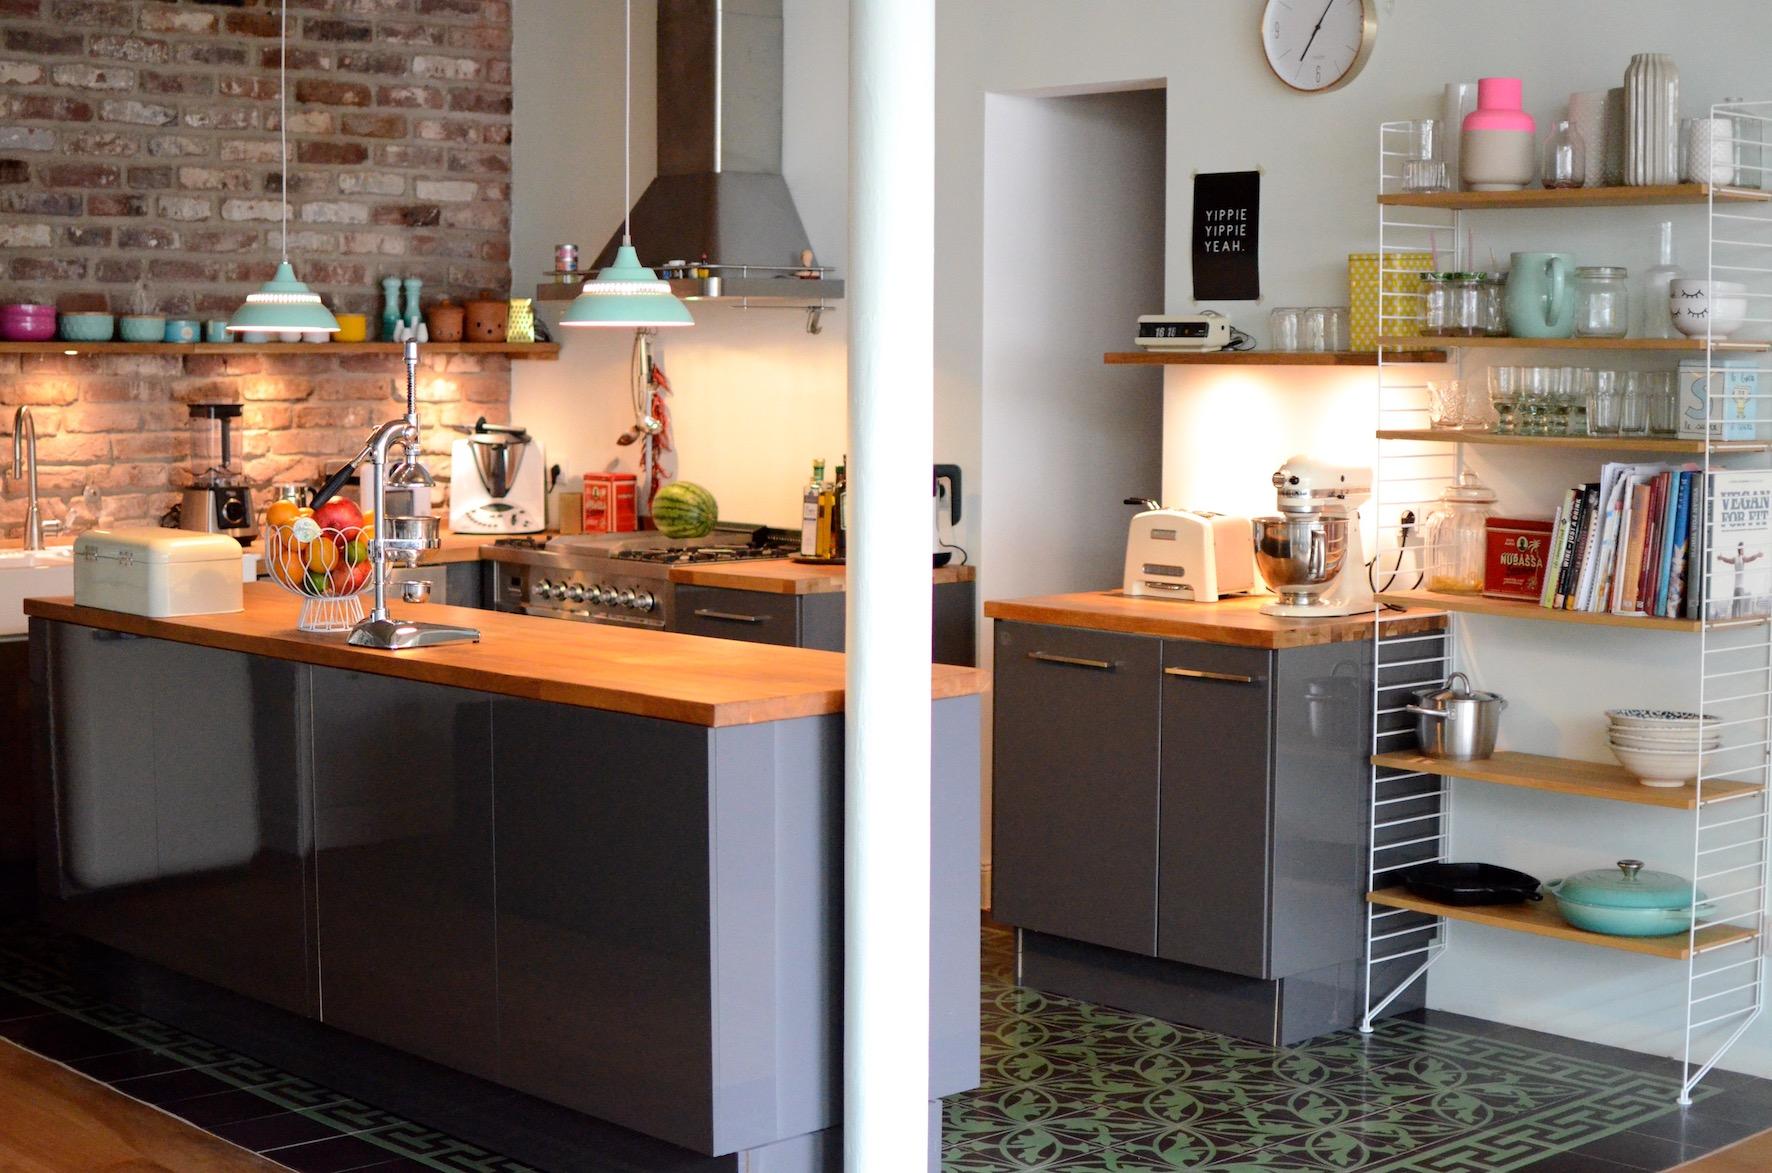 Full Size of Projekt Loftausbau Wie Man Eine Offene Kche Perfekt Ins Ikea Miniküche Fettabscheider Küche Sideboard Singleküche Mit Kühlschrank Schwingtür Wohnzimmer Offene Küche Ikea